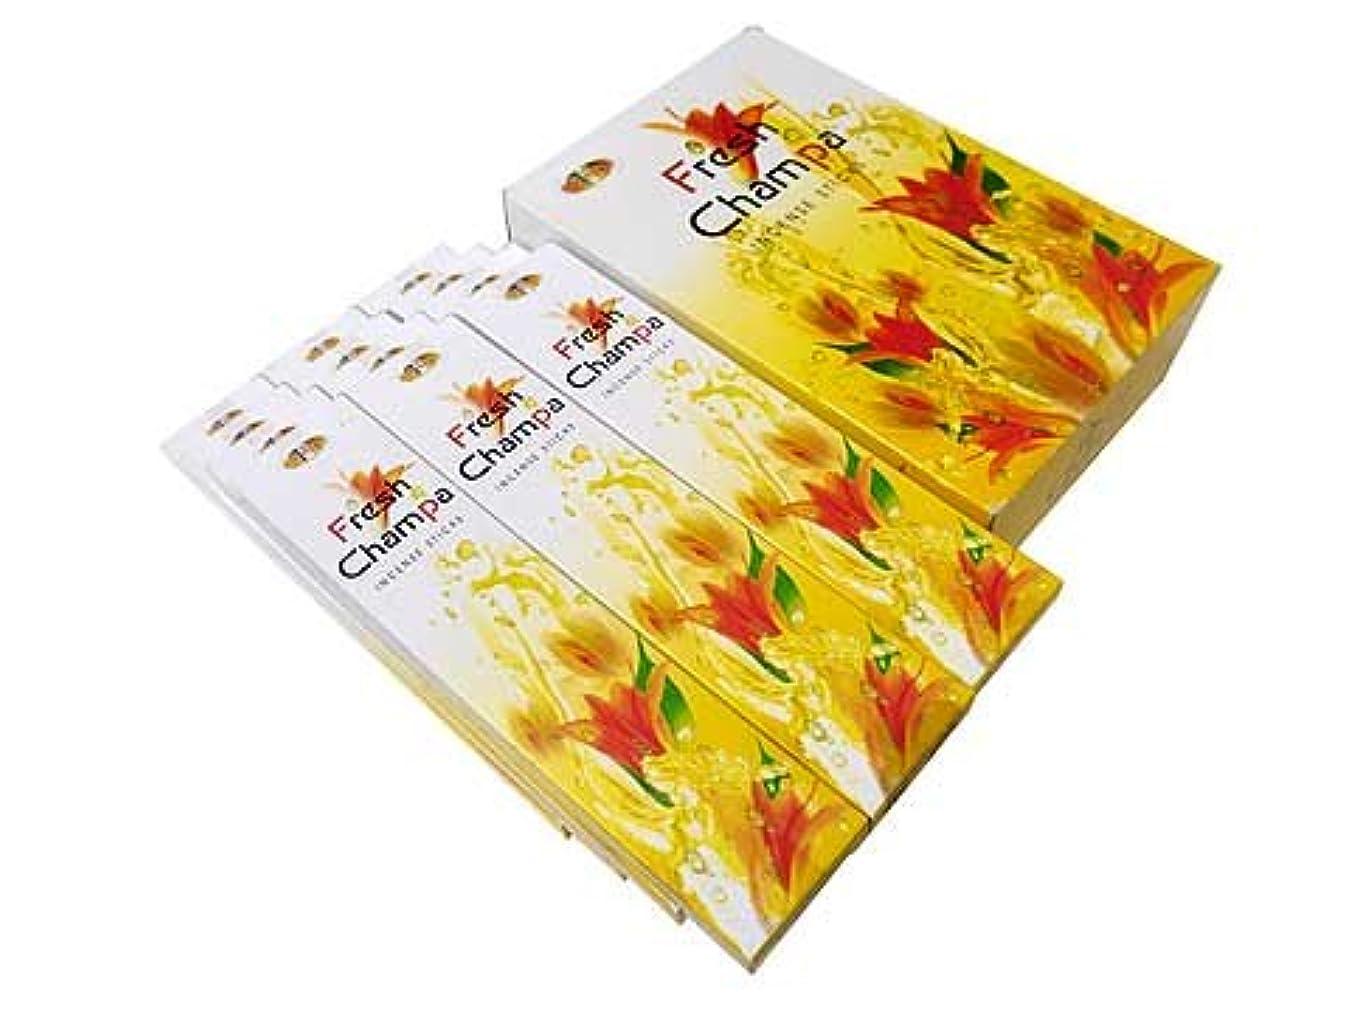 ファウルあらゆる種類の宣伝FRESH FRAGRANCES(フレッシュフレグランス) フレッシュチャンパ香 スティック FRESH CHAMPA 12箱セット